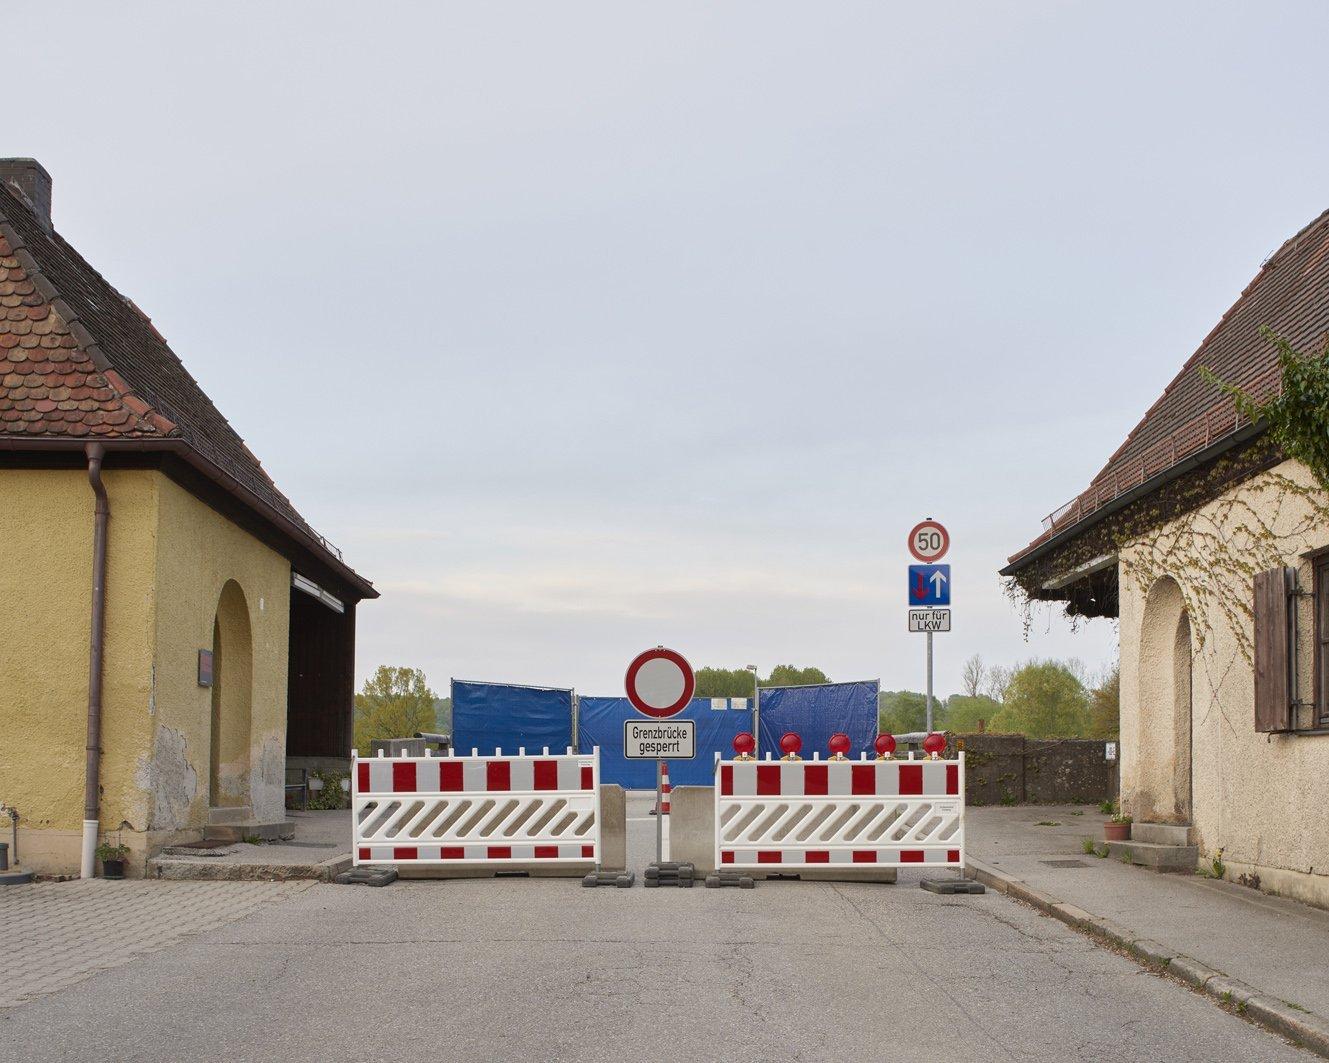 Fotofestival Nürnberg 2021 – facing reality  © Heinrich Völkel